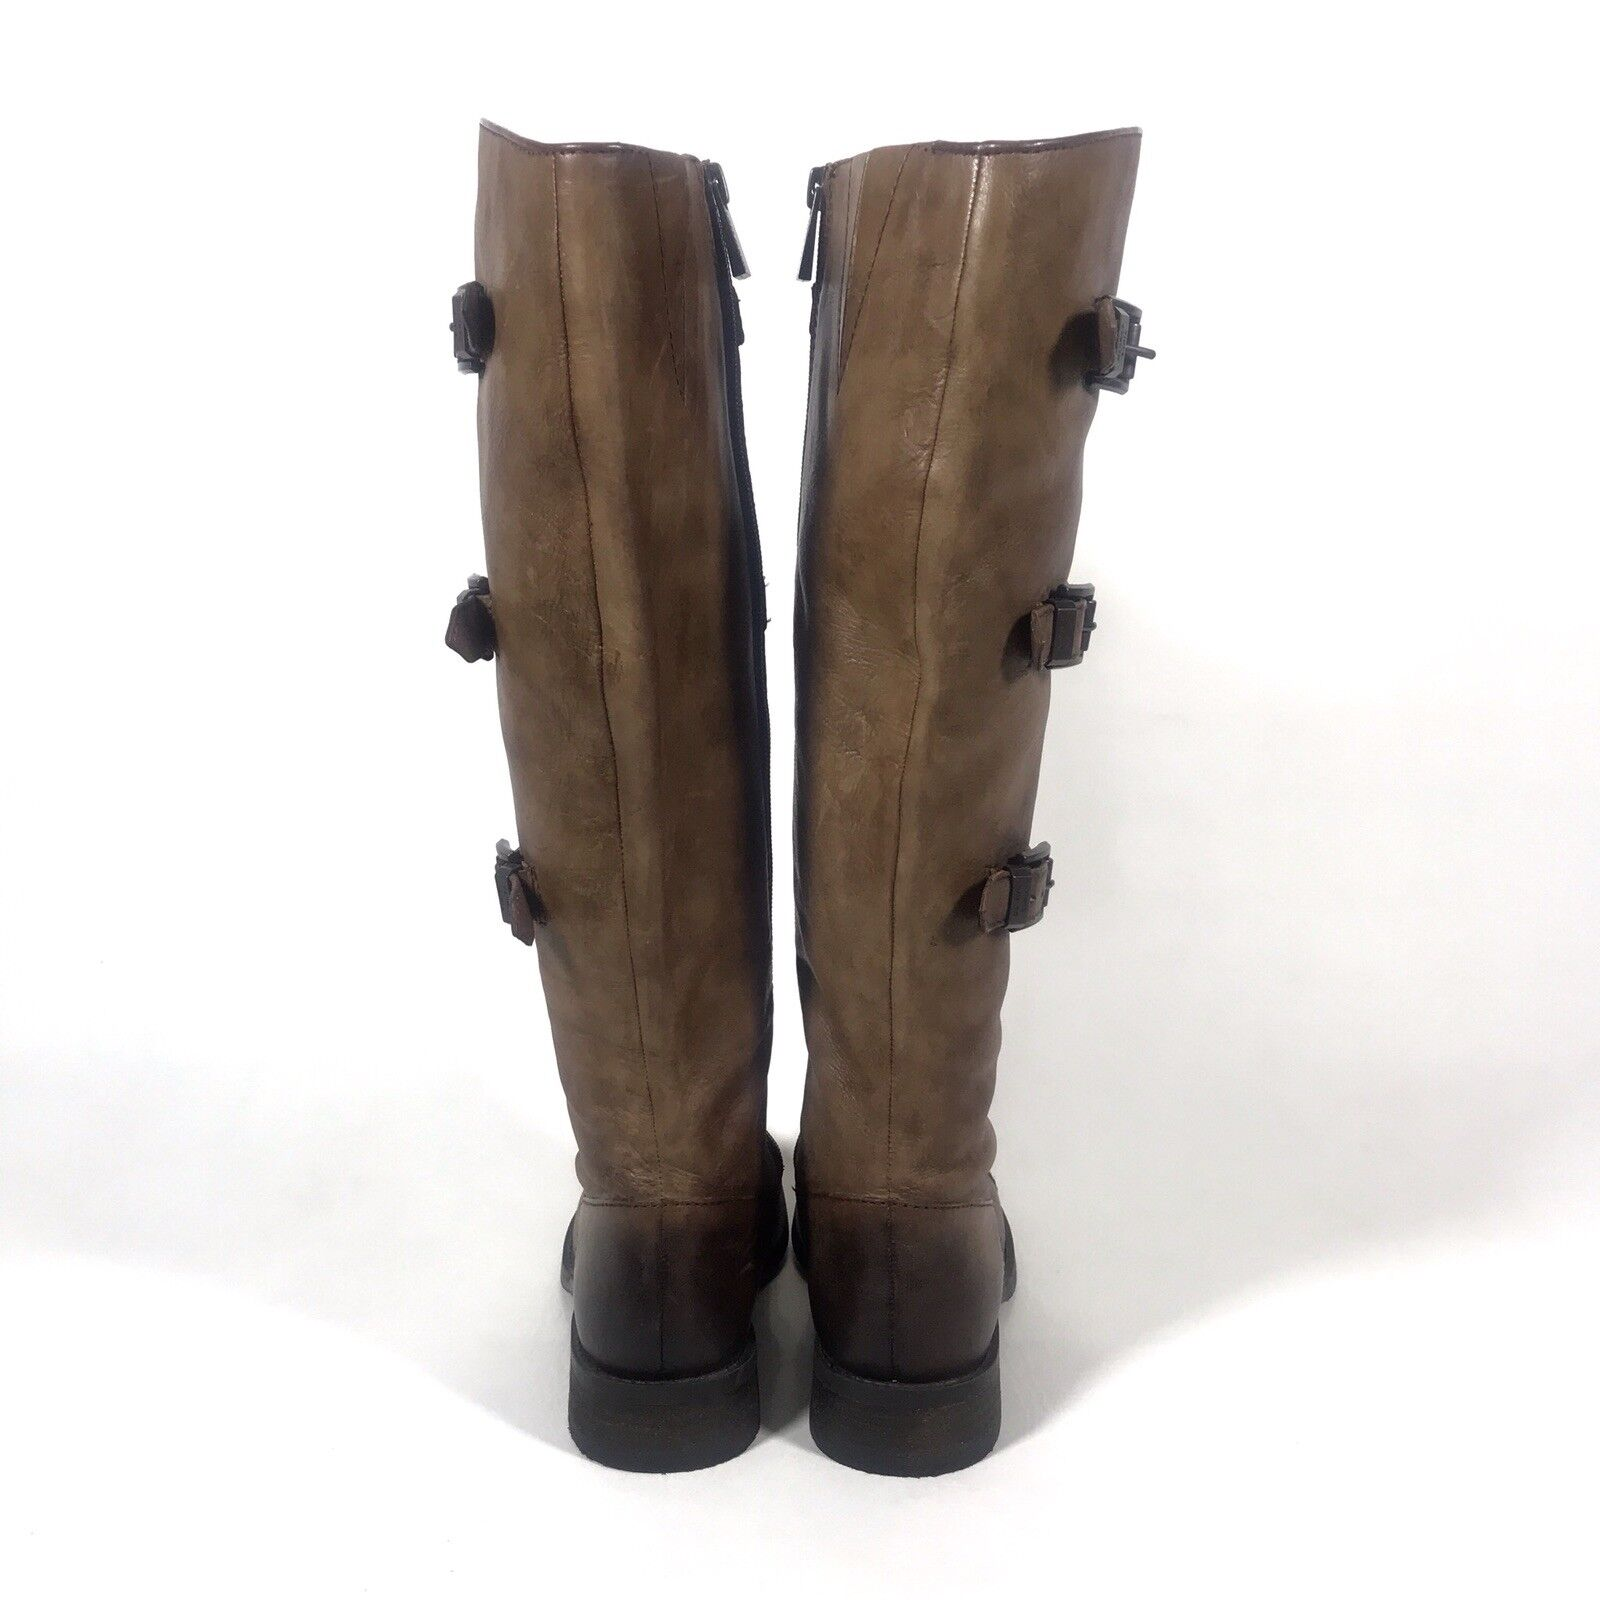 Vince Camuto 5.5M Mujeres Tamaño 5.5M Camuto alto Fenton Cuero Marrón botas De Montar con aspecto envejecido b1c834